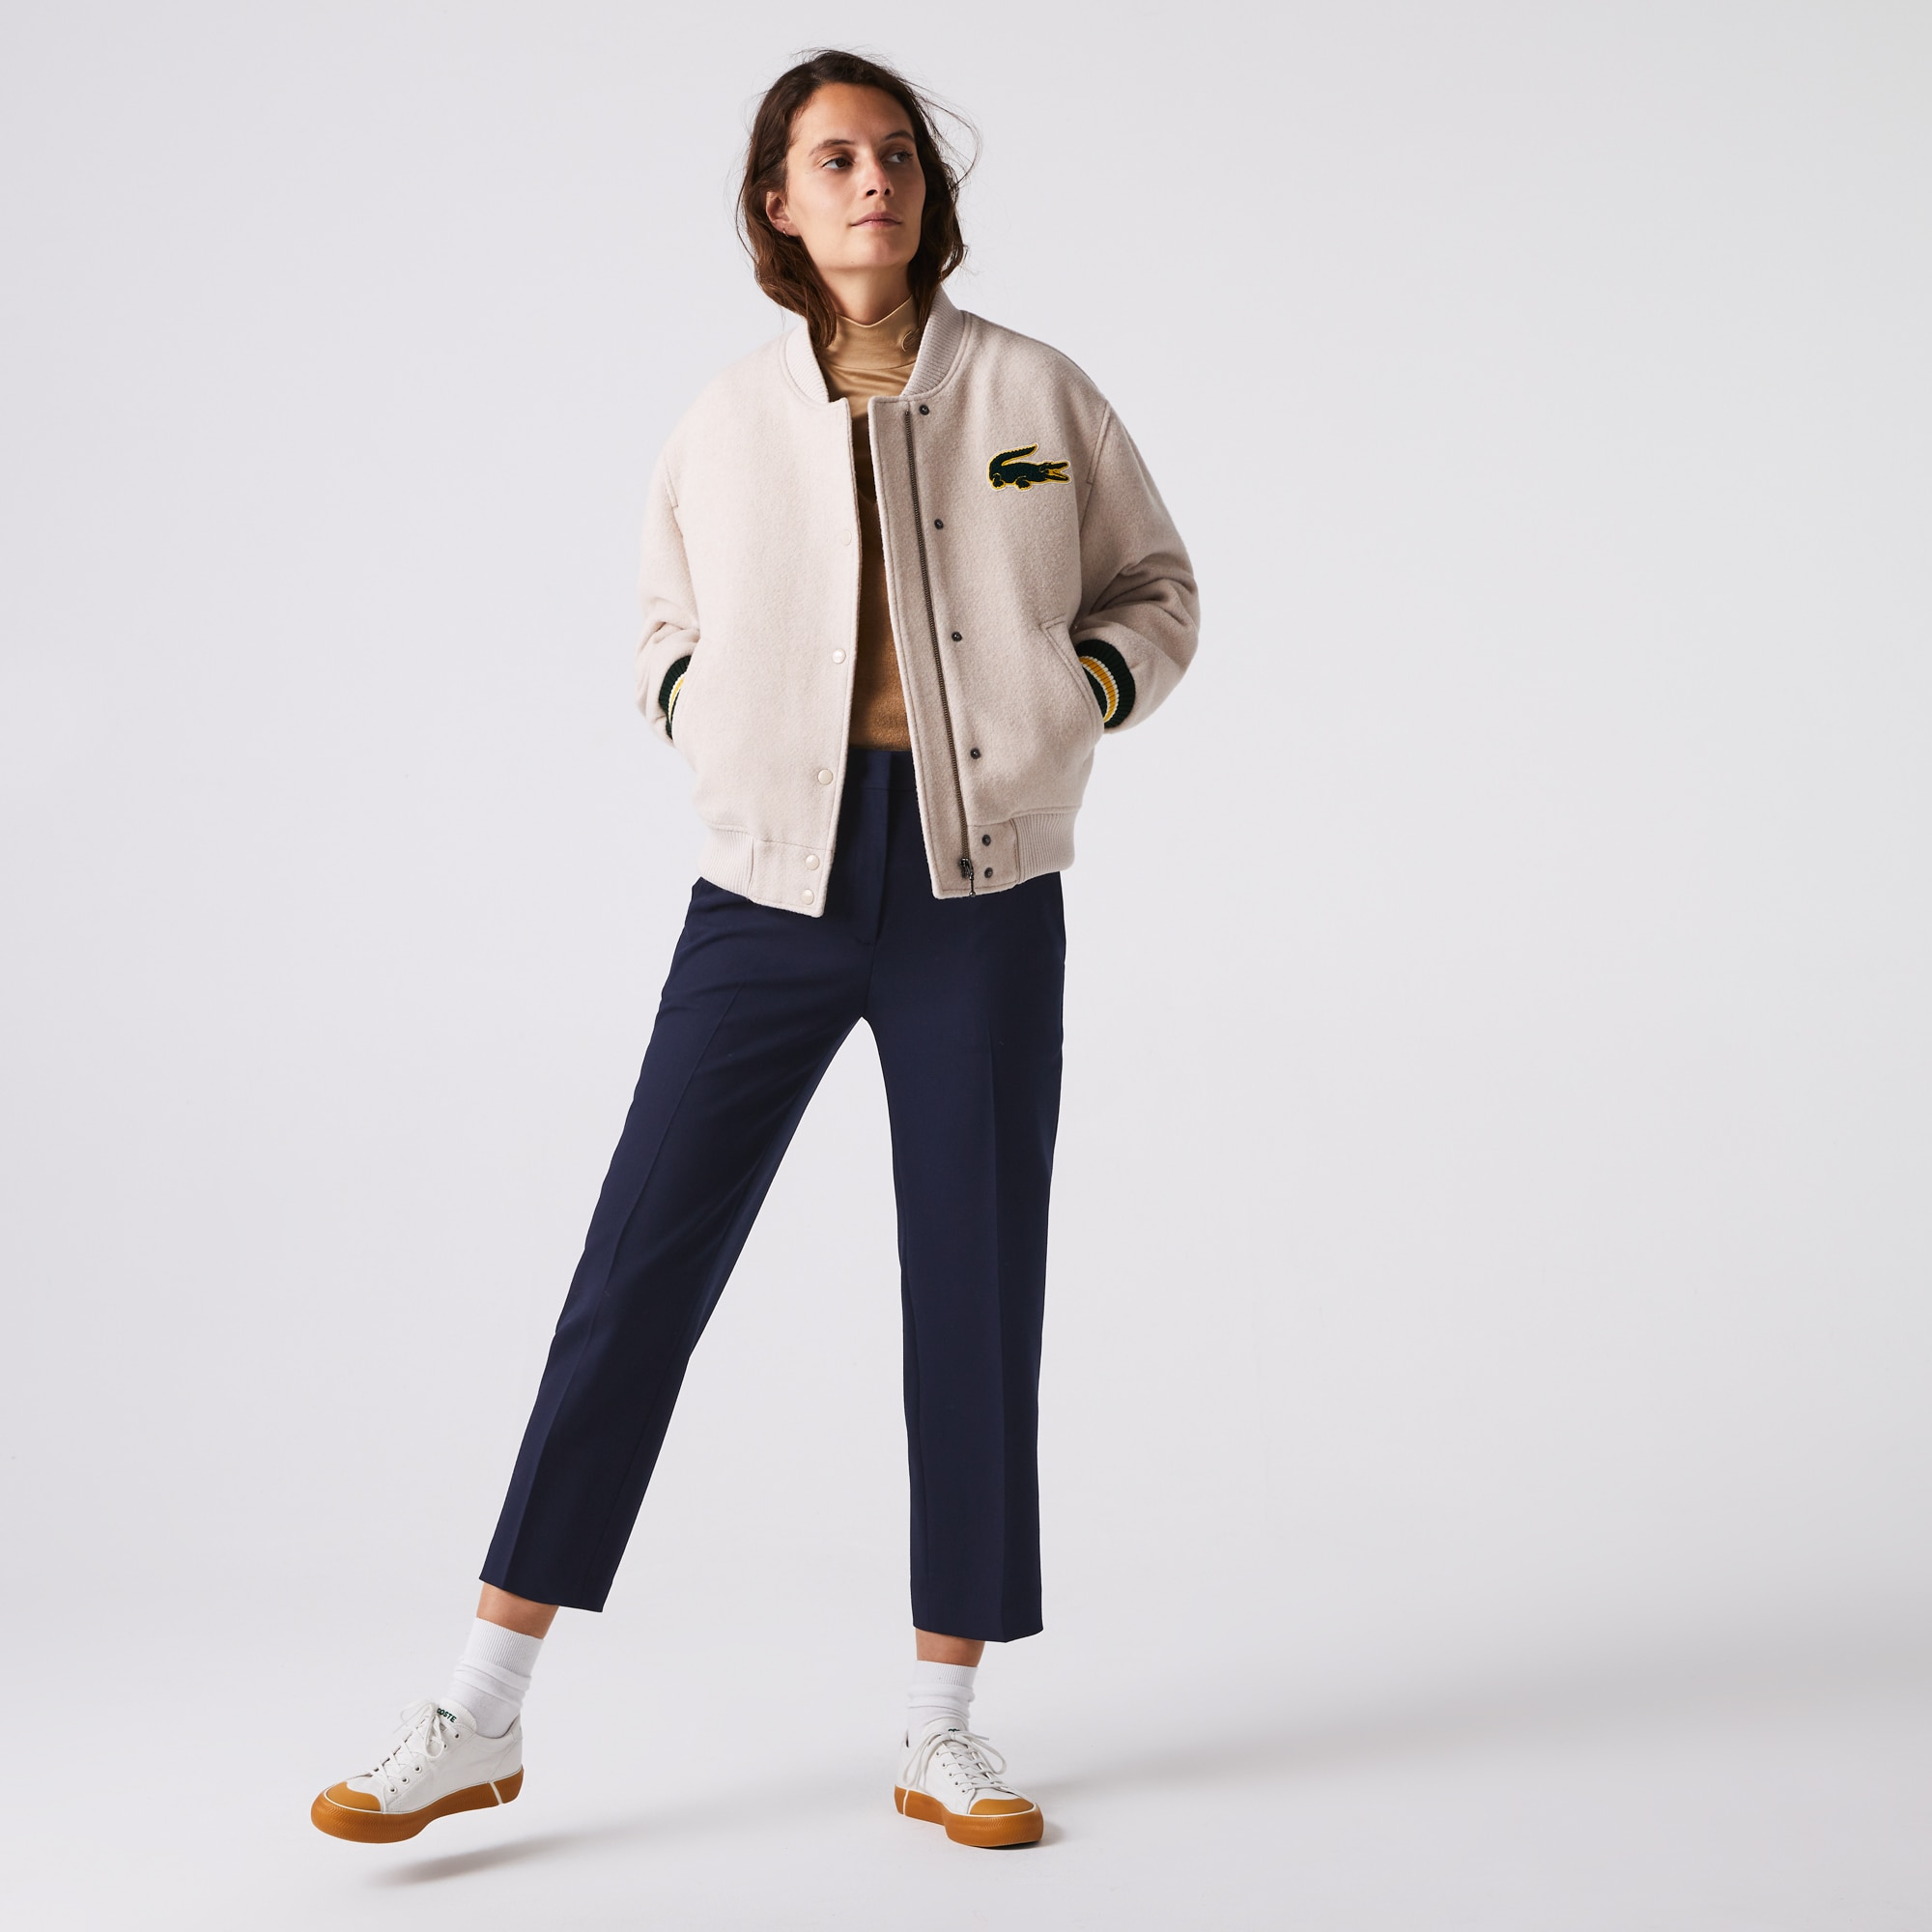 Women's Wool Blend Cigarette Pants | LACOSTE